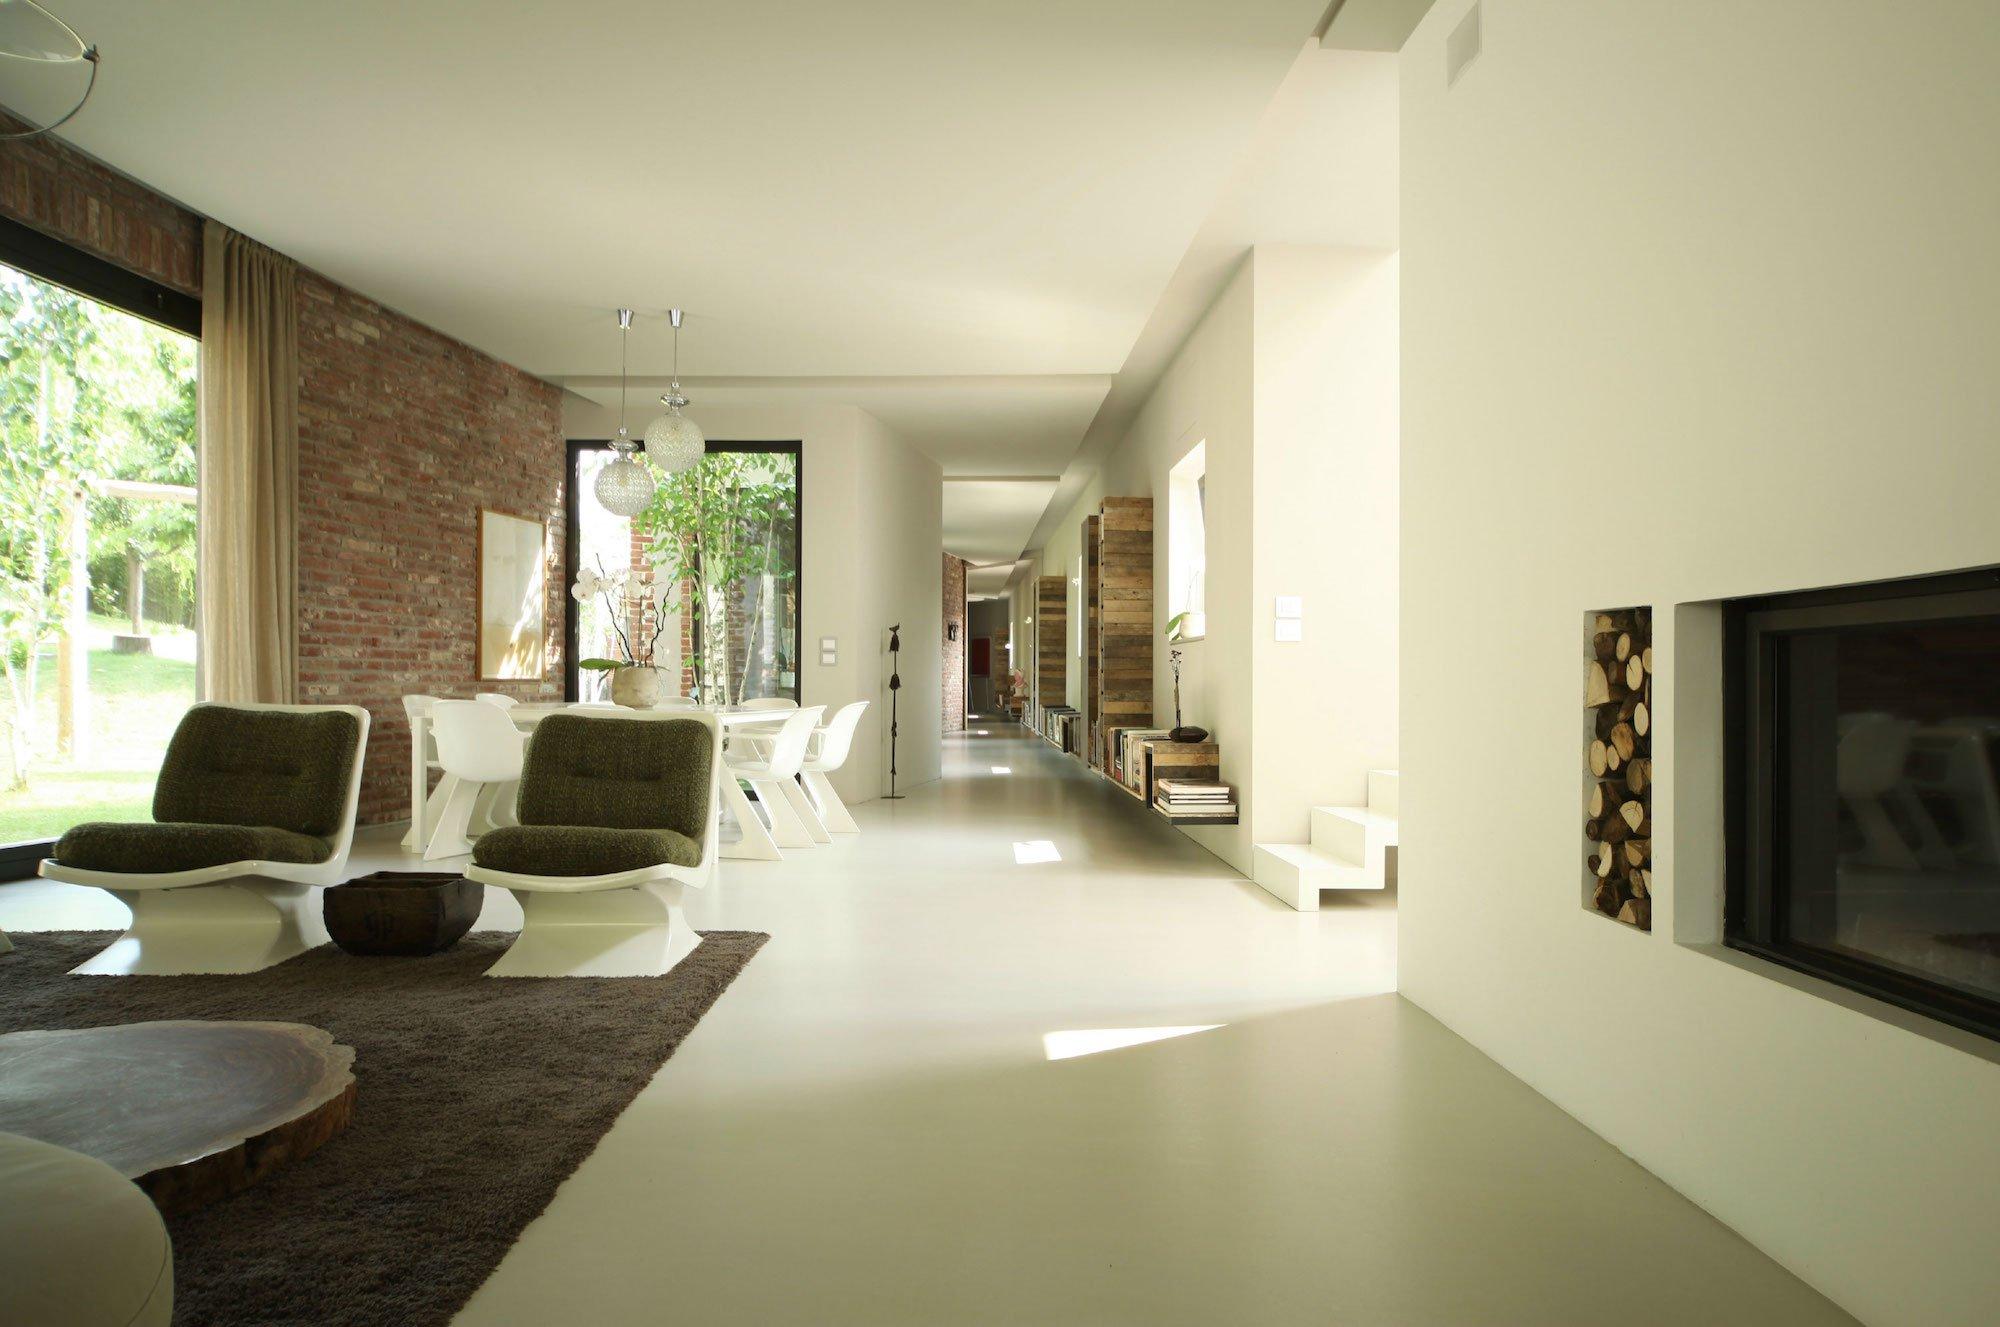 Casa-Riemersa-04